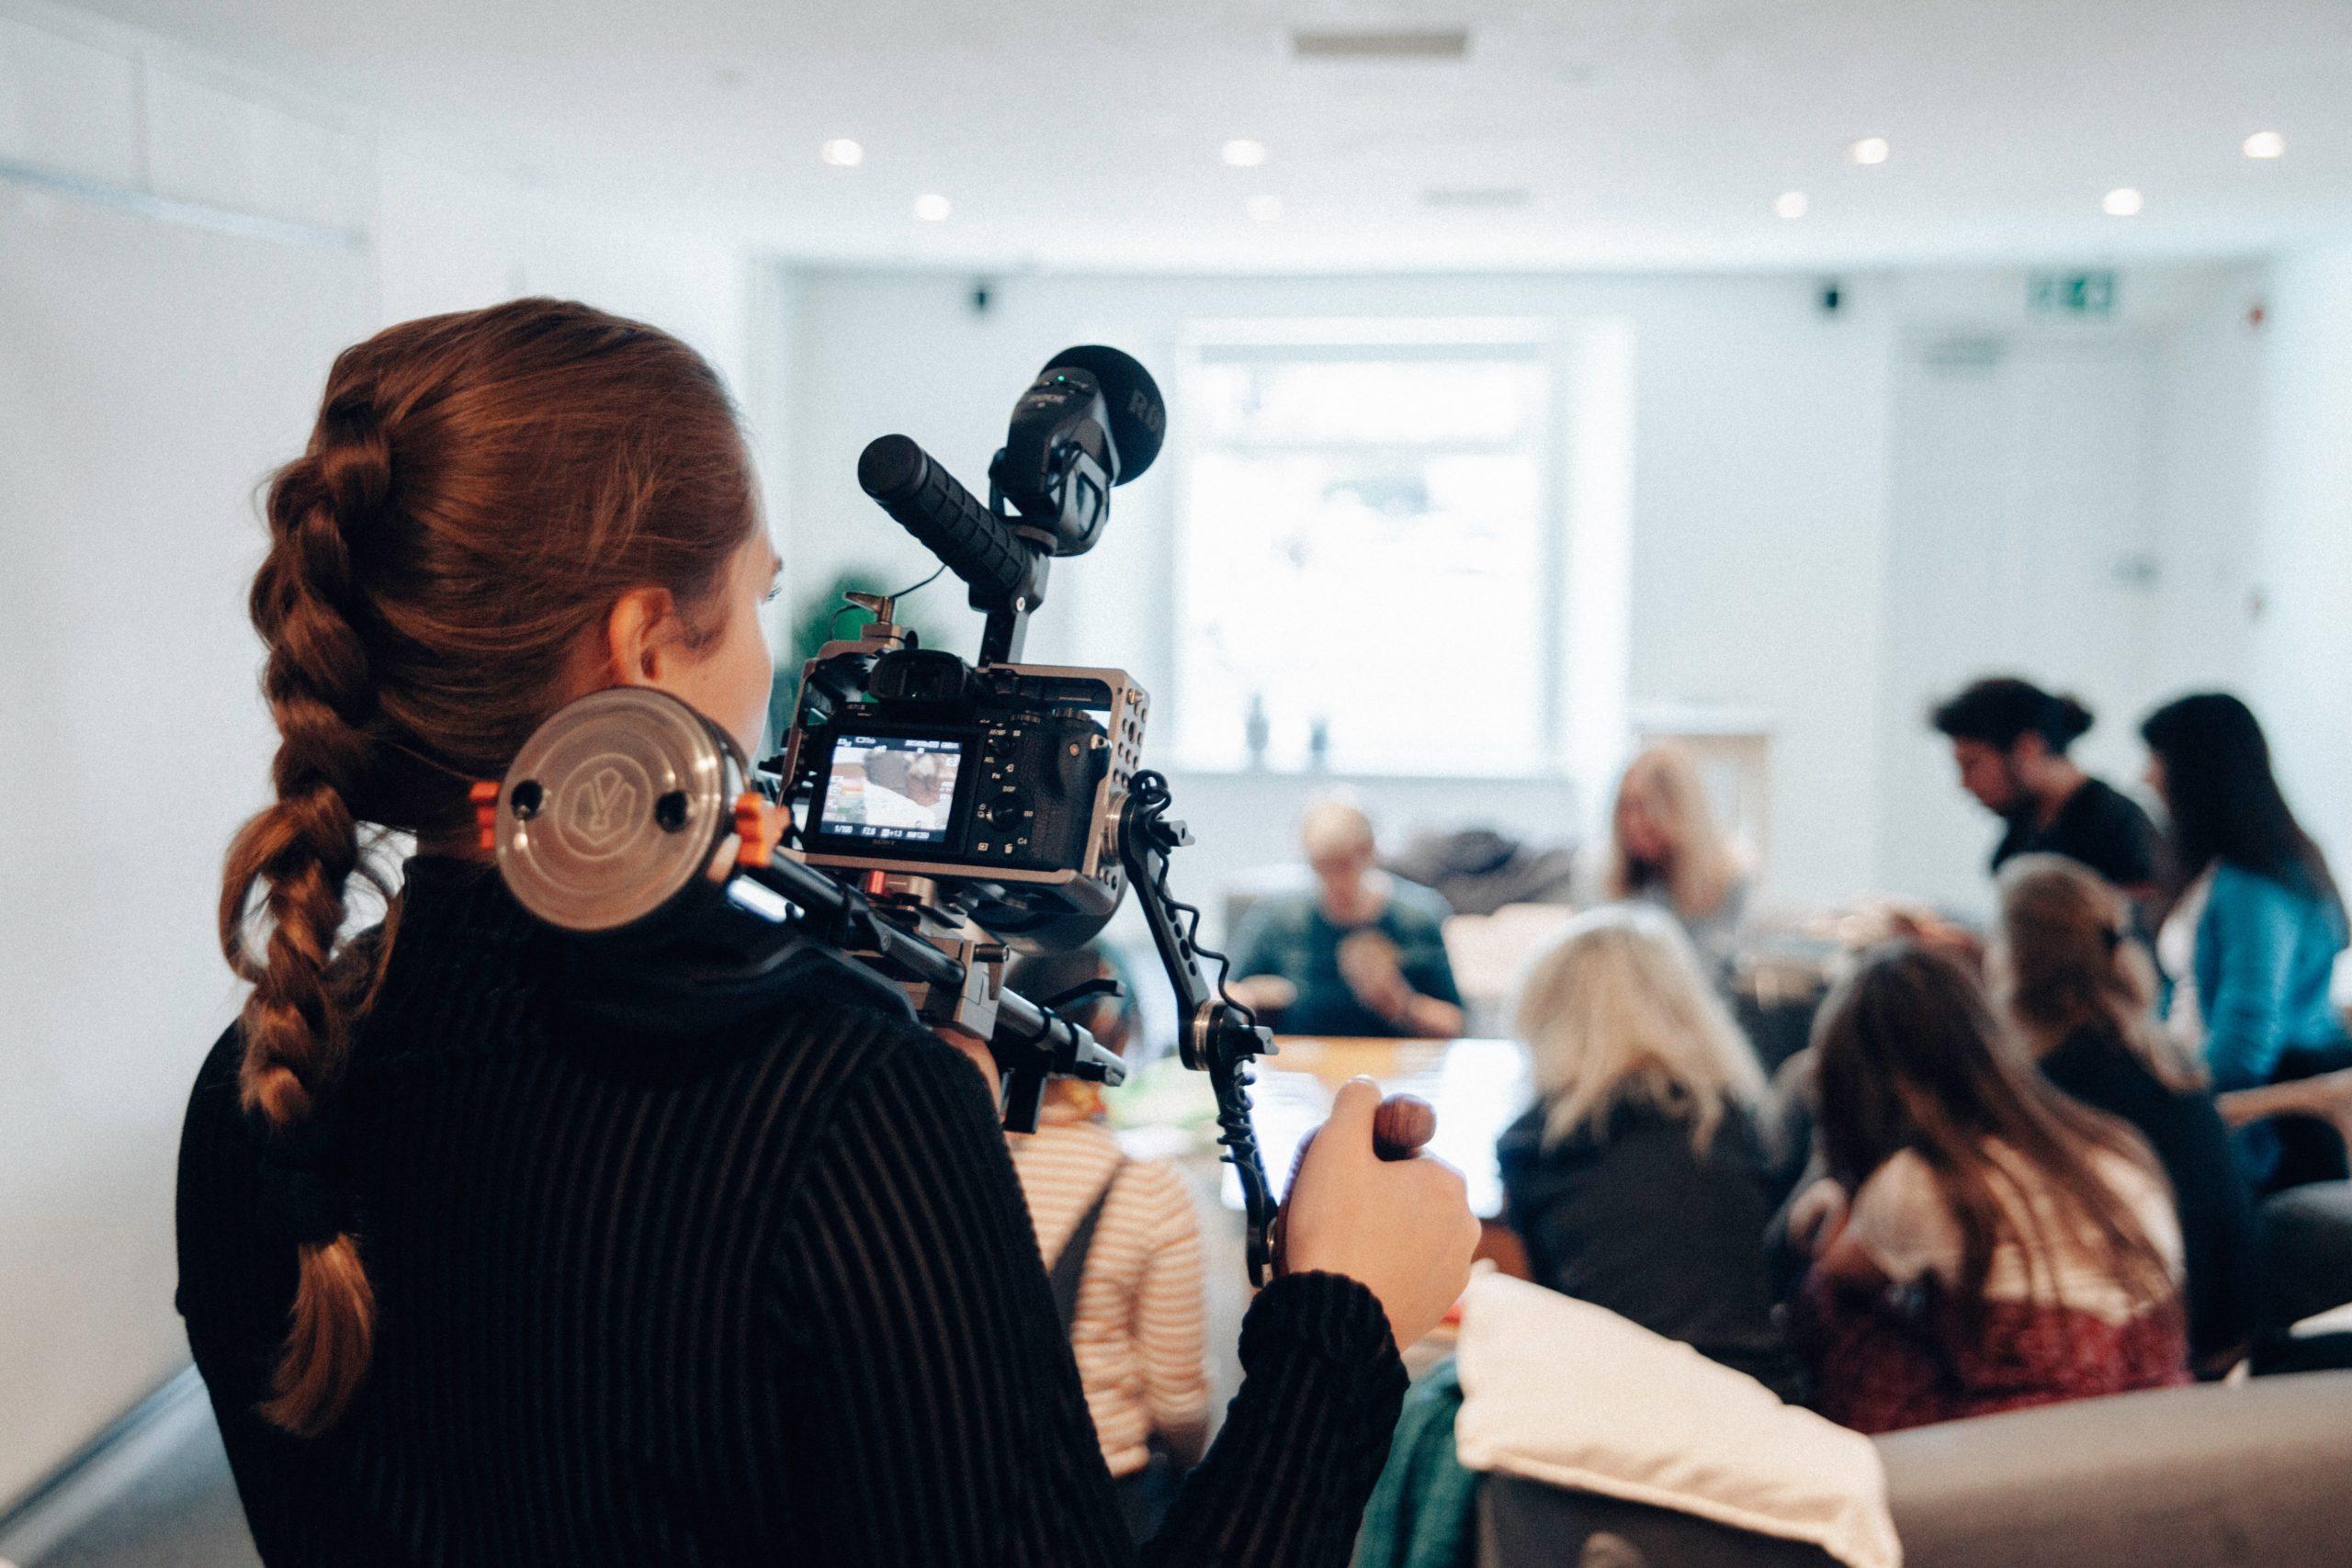 jeune femme derrière caméra devant salle de réunion avec personnes de dos